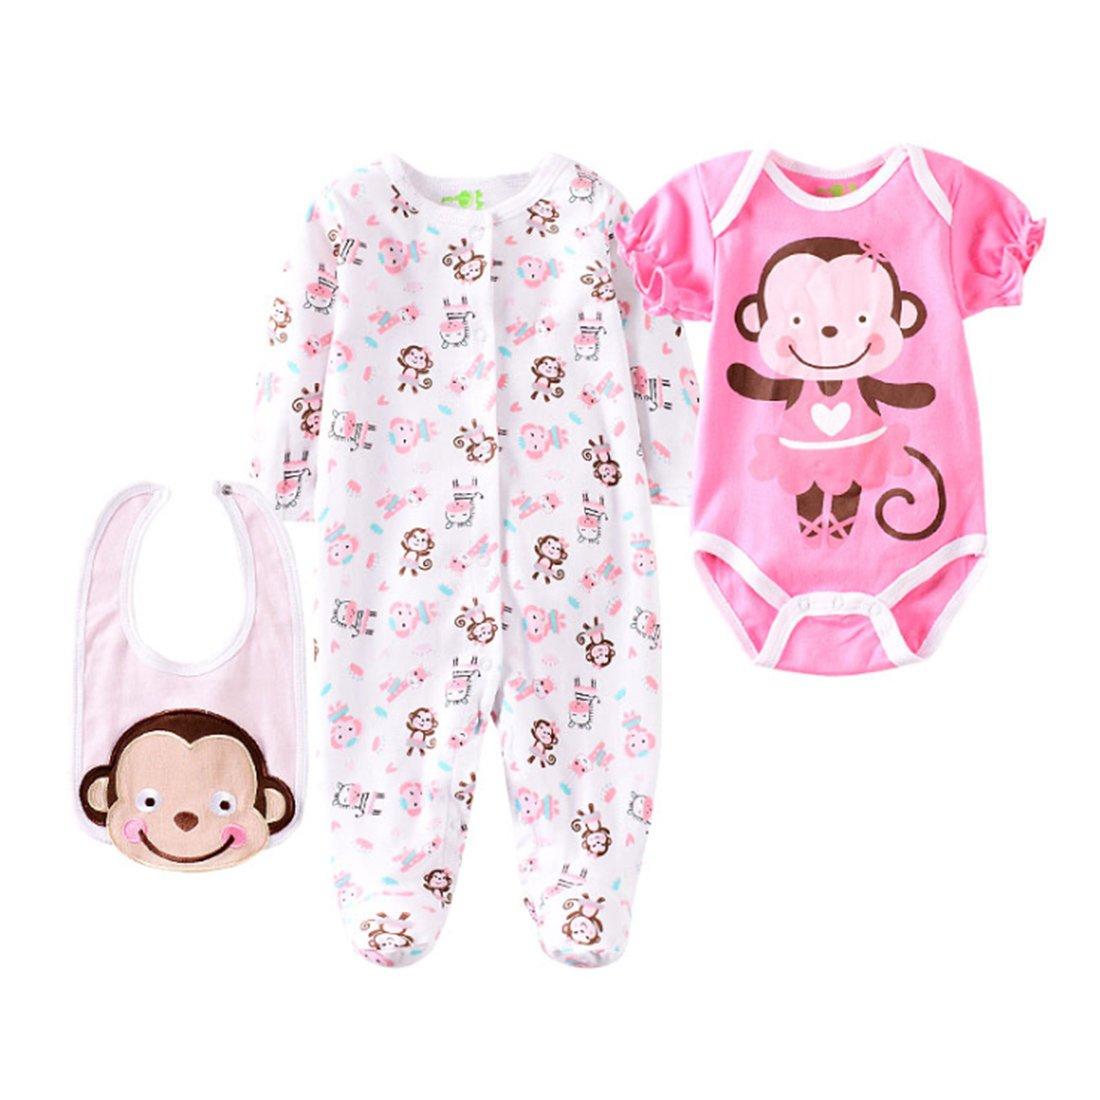 Vêtement Convient pour Les Vêtements de Poupée de 20-22 Pouces, Bébé Reborn Baby Doll, Vêtements avec Petit motif de singe